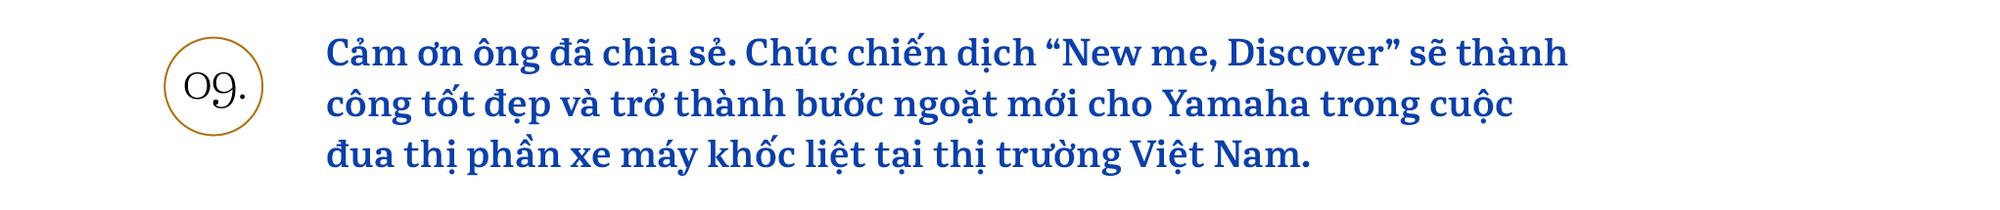 Chủ tịch Yamaha Việt Nam: 'Chúng tôi sẽ khơi dậy khách hàng trẻ tìm được bản ngã của chính mình' - Ảnh 16.